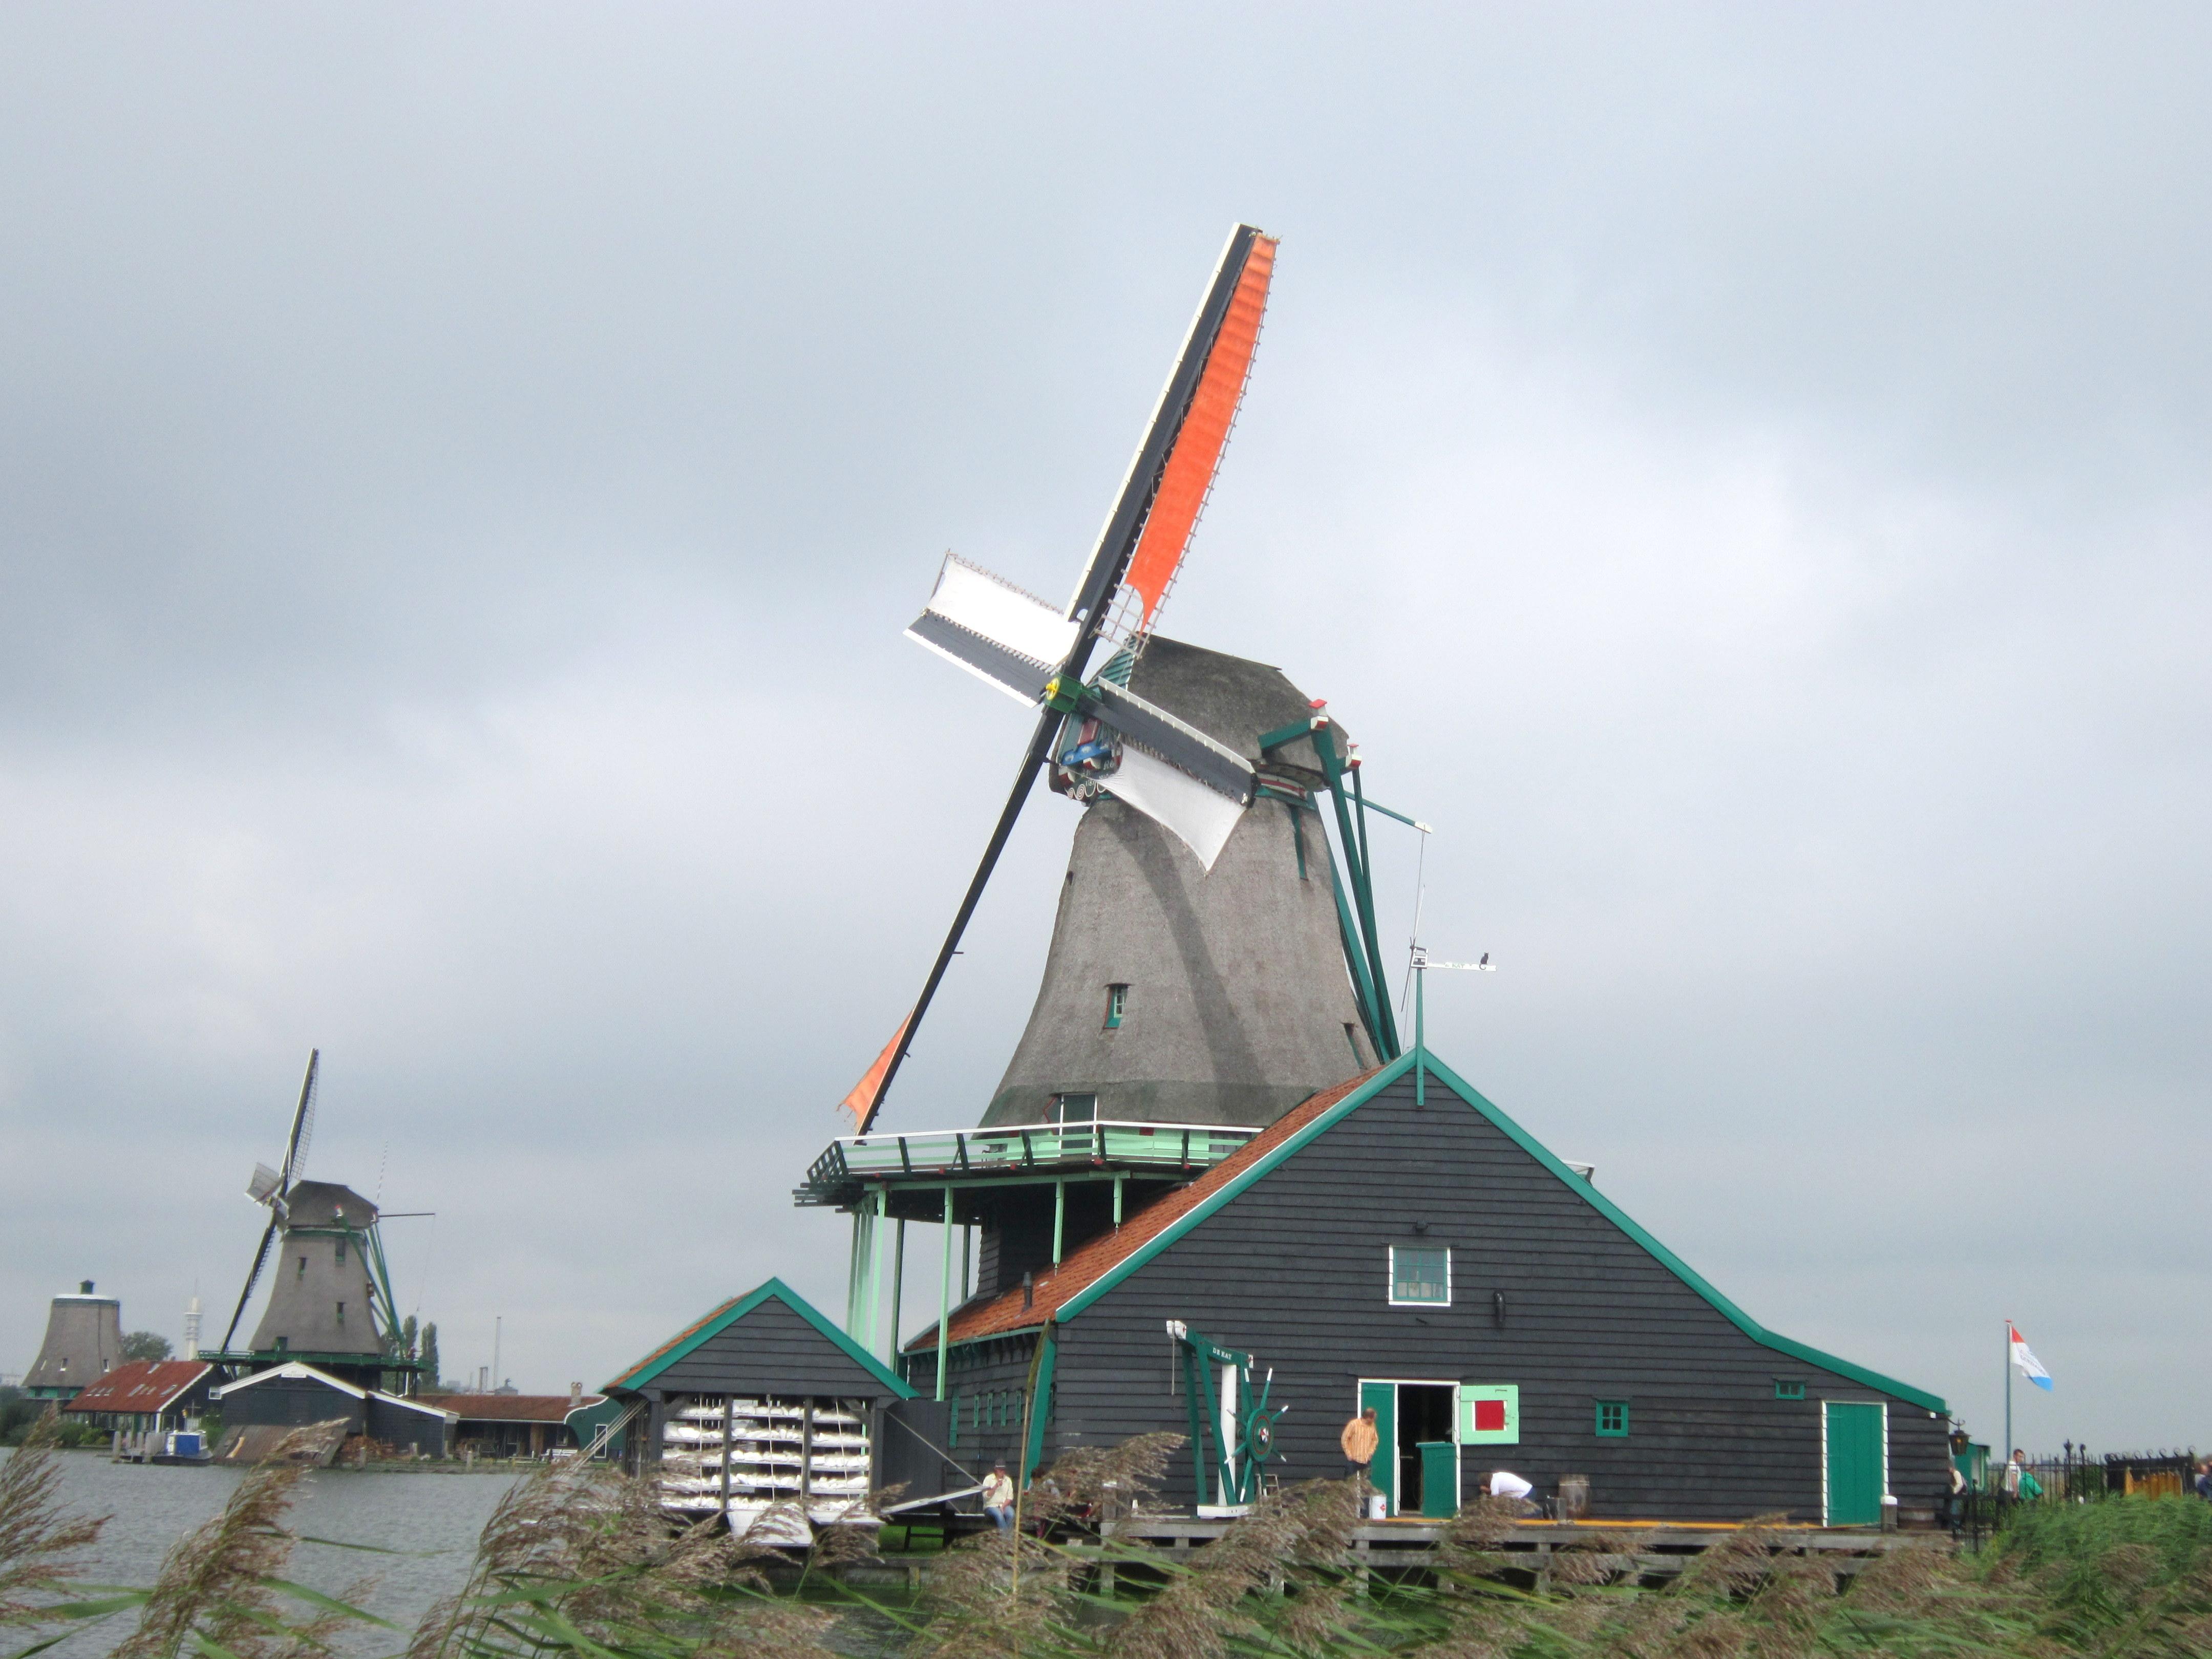 Picturesque little town Zaanse Schans